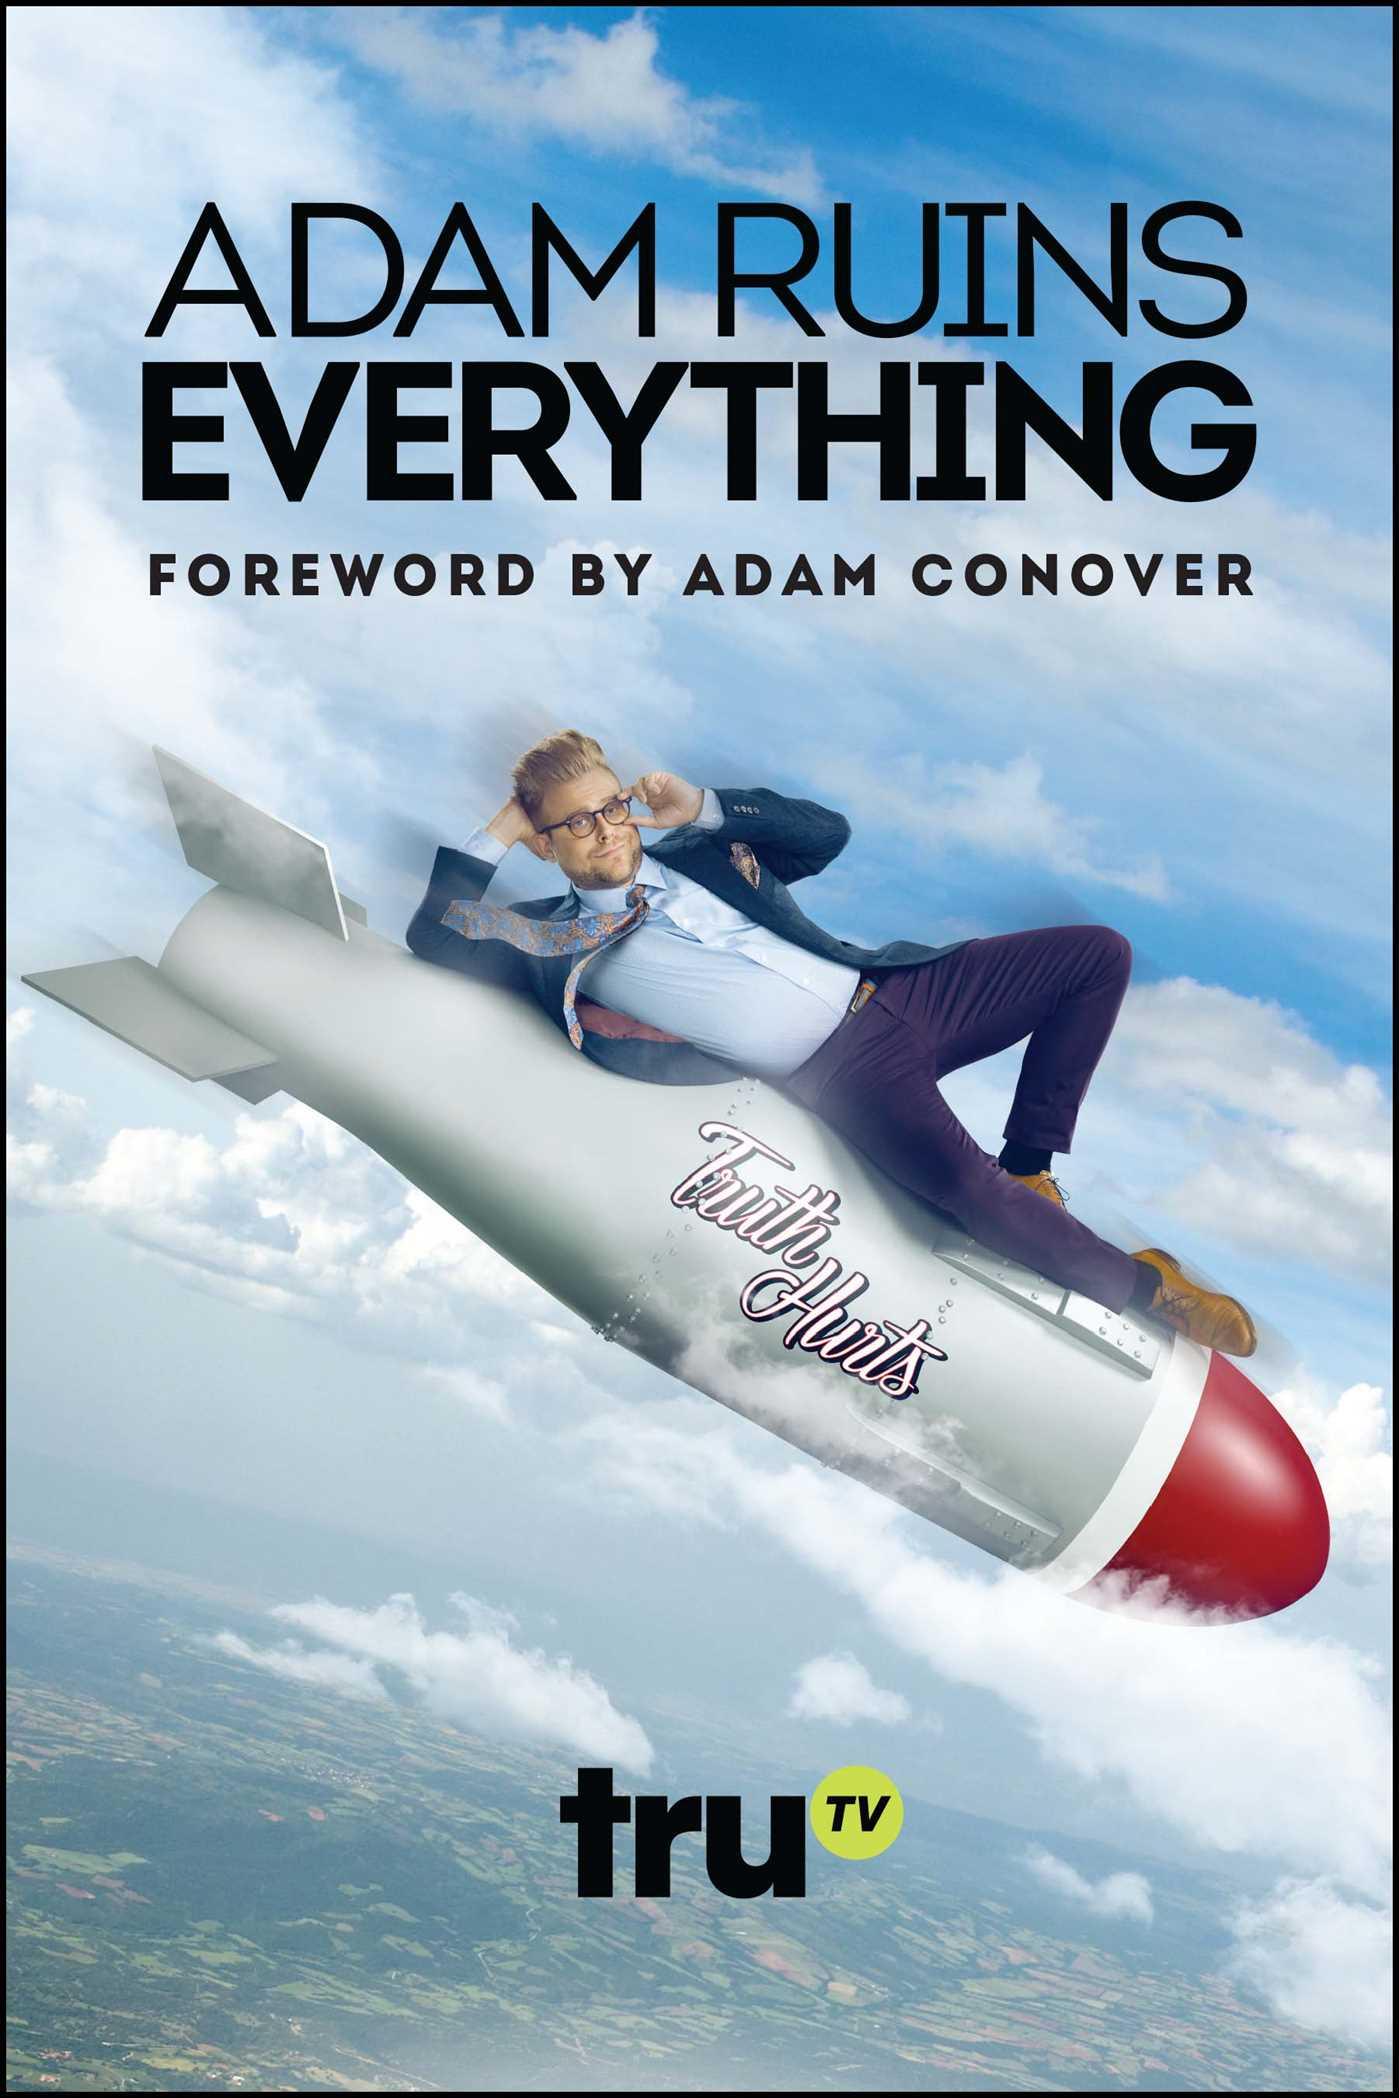 Adam ruins everything 9781682615089 hr